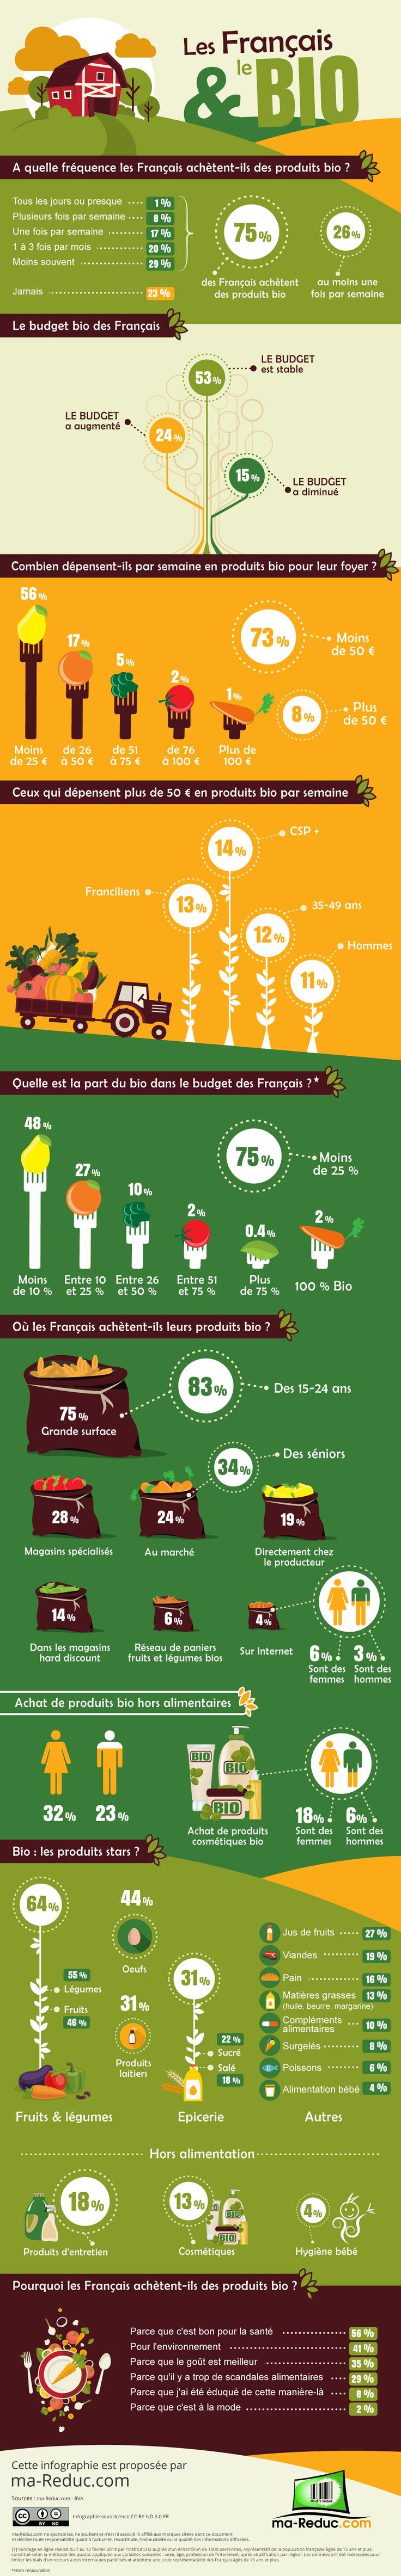 Les habitudes de consommation des français en termes de produits bio